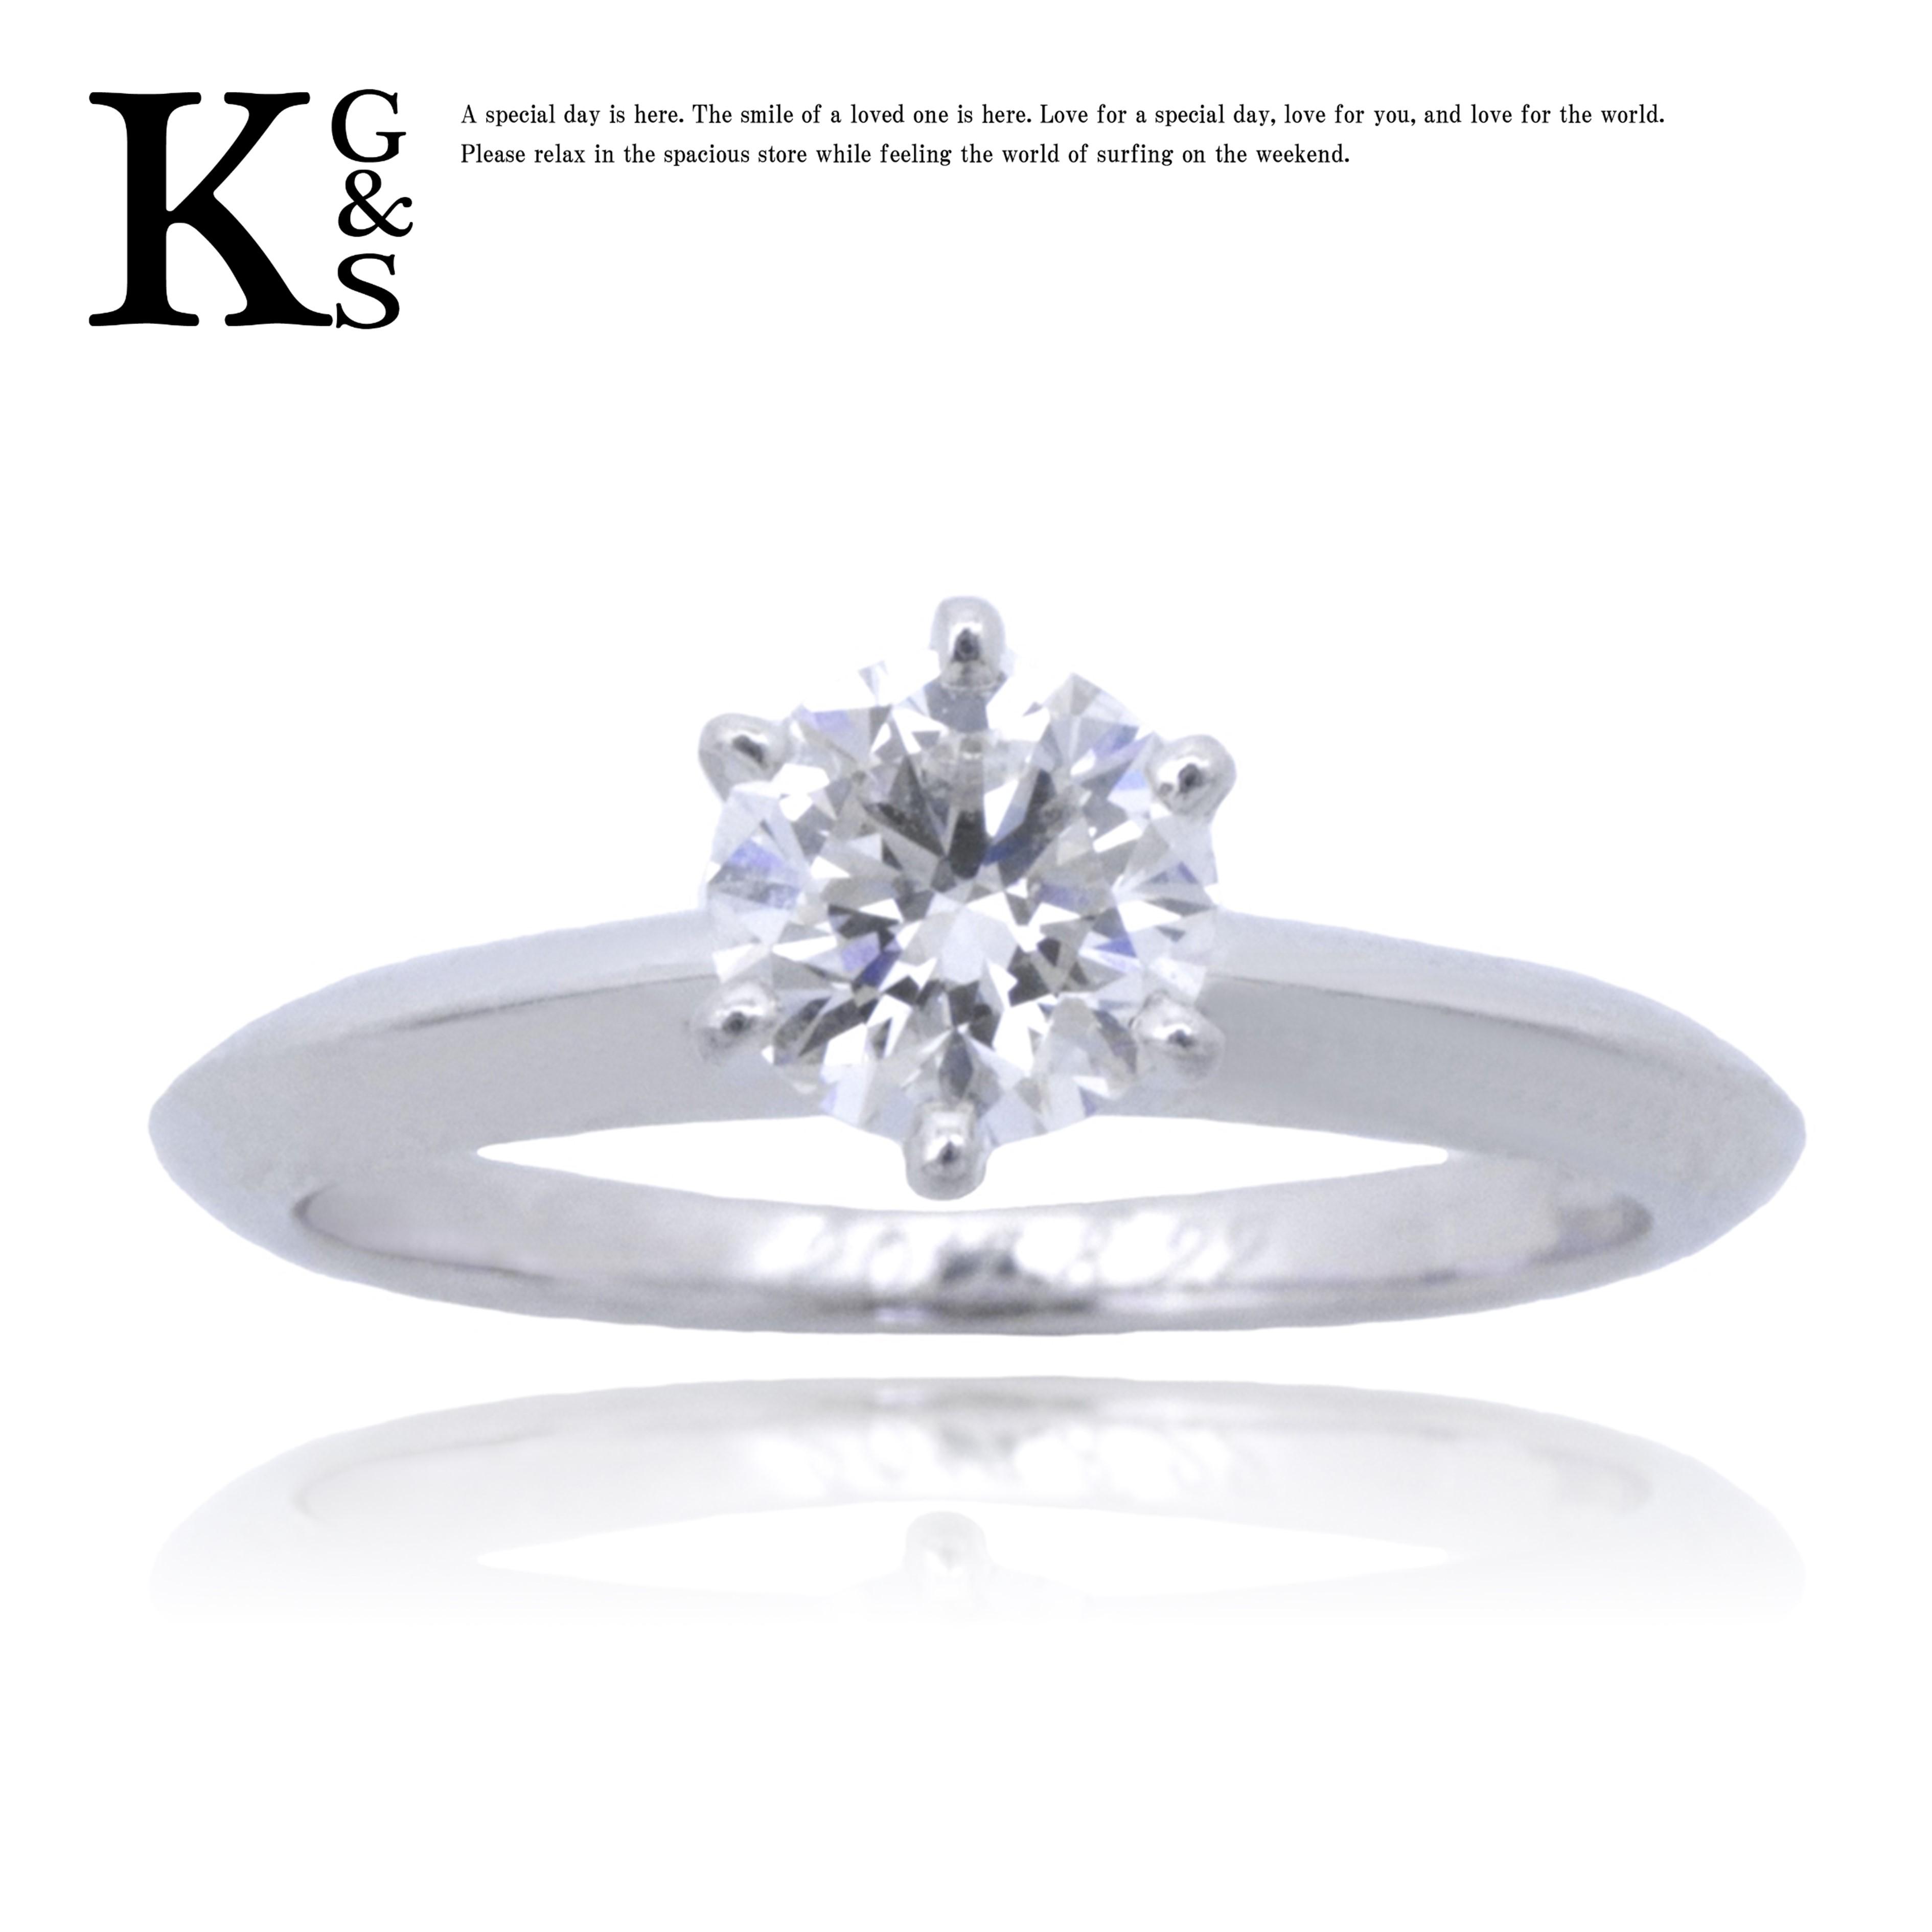 【ギフト品質】【名入れ】【0.48ct】【各種サイズ】ティファニー/Tiffany&co セッティング ソリティア エンゲージリング 婚約指輪 1Pダイヤ Pt950 レディース